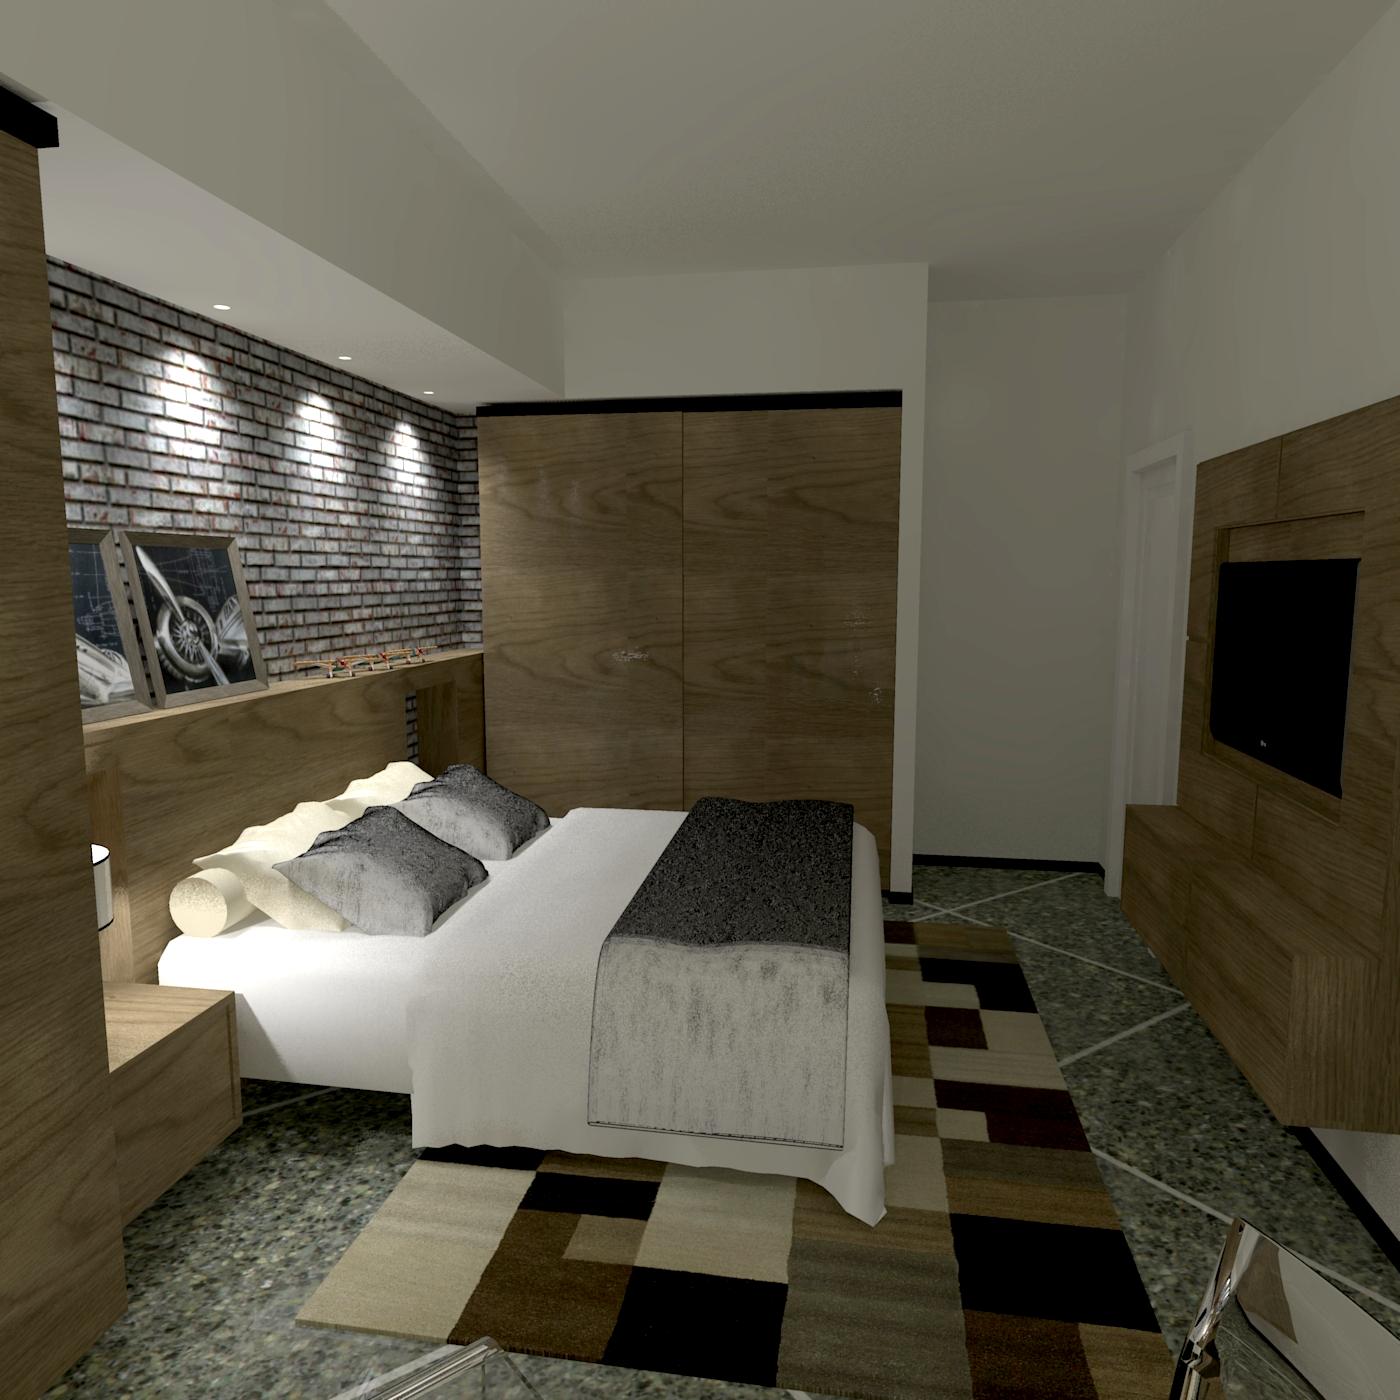 Colore pareti camera da letto mobili bianchi perfect idee - Colore pareti camera da letto mobili ciliegio ...